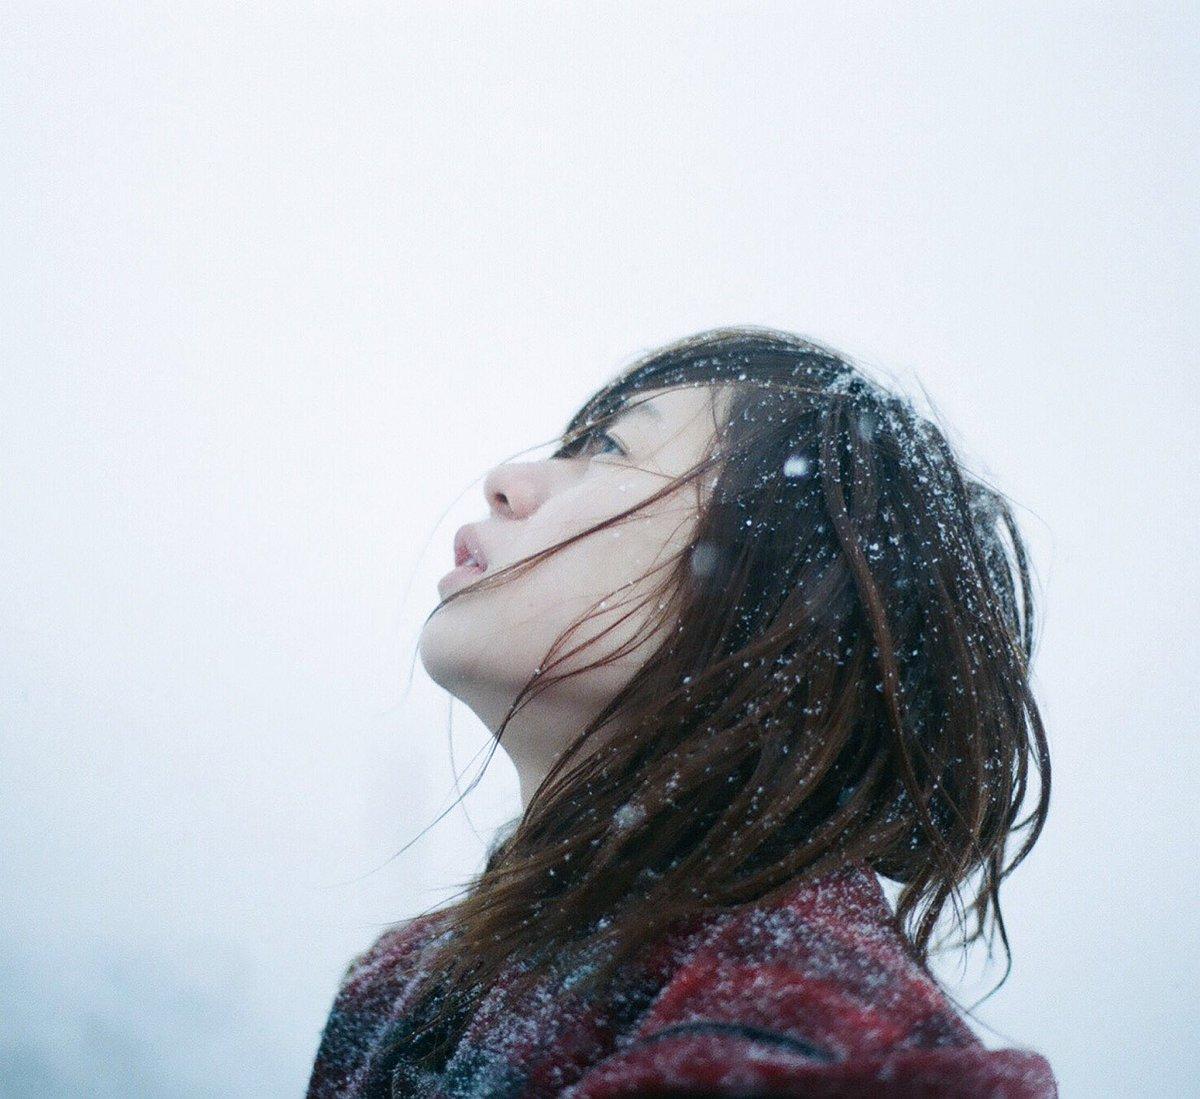 すーっとした冬の空気がすき。